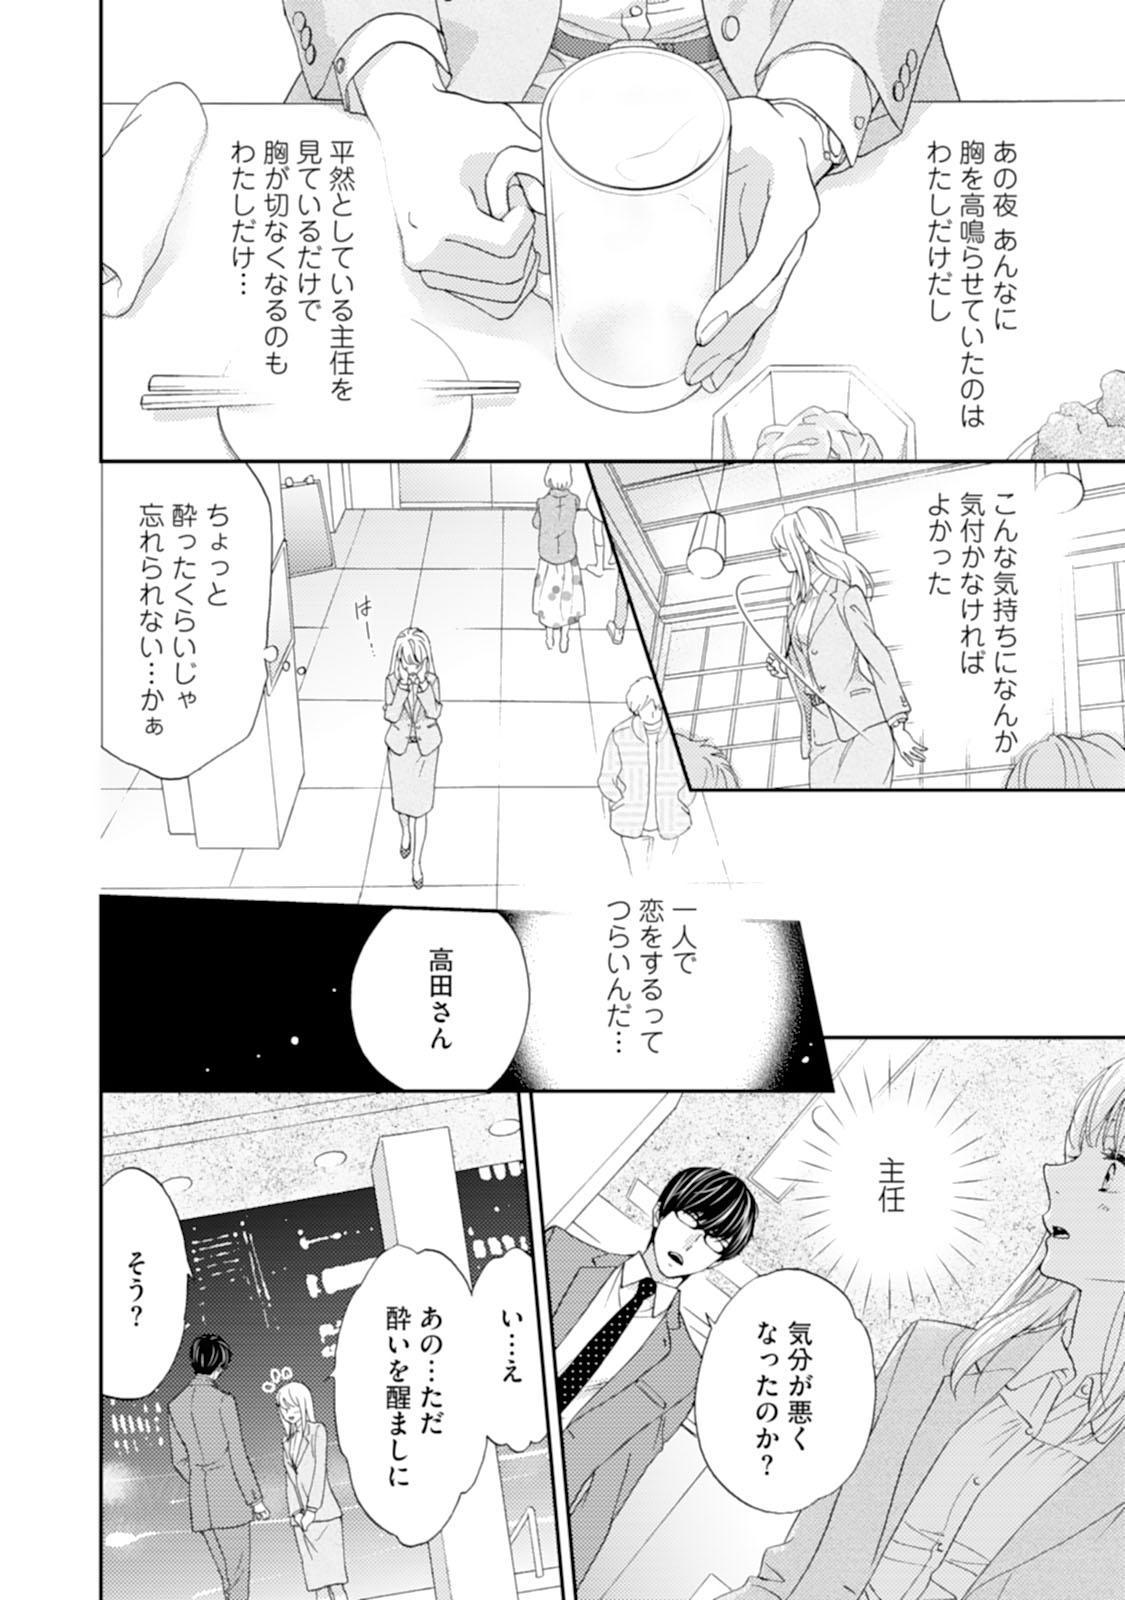 [Adumi Yuu] Choukyou-kei Danshi Ookami-sama to Koneko-chan Ch. 1-3 30